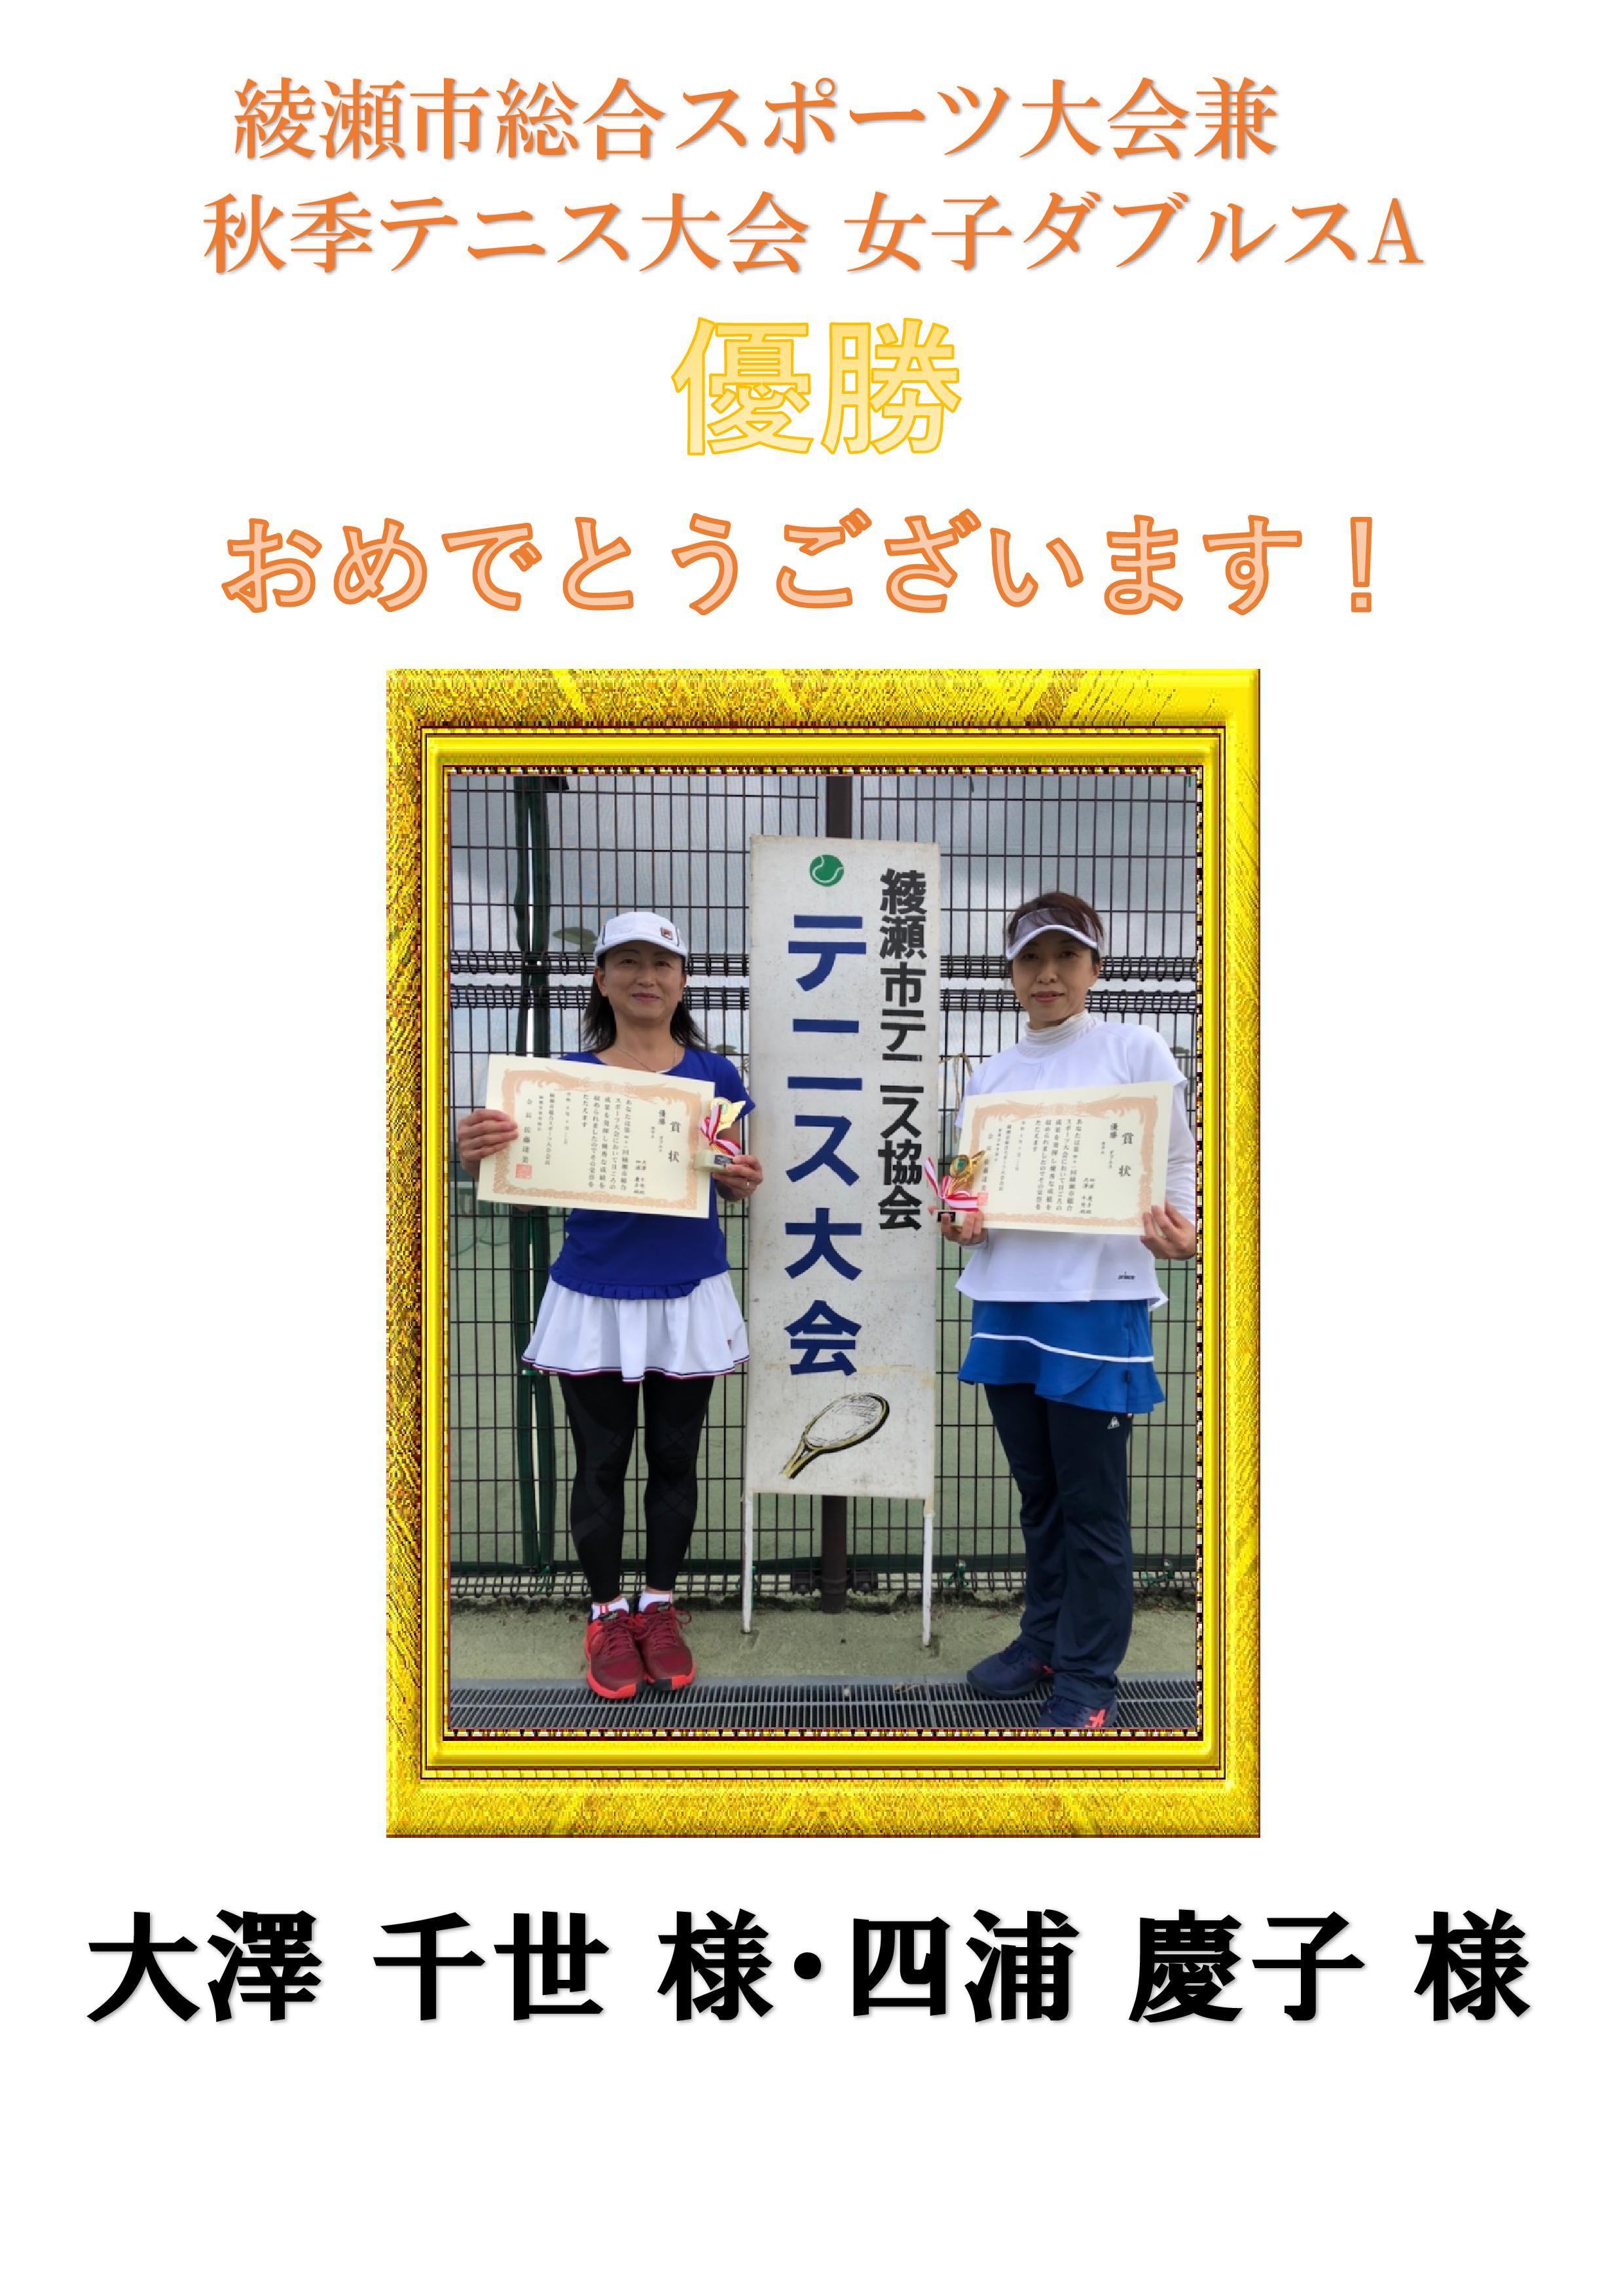 綾瀬市総合スポーツ大会兼    秋季テニス大会